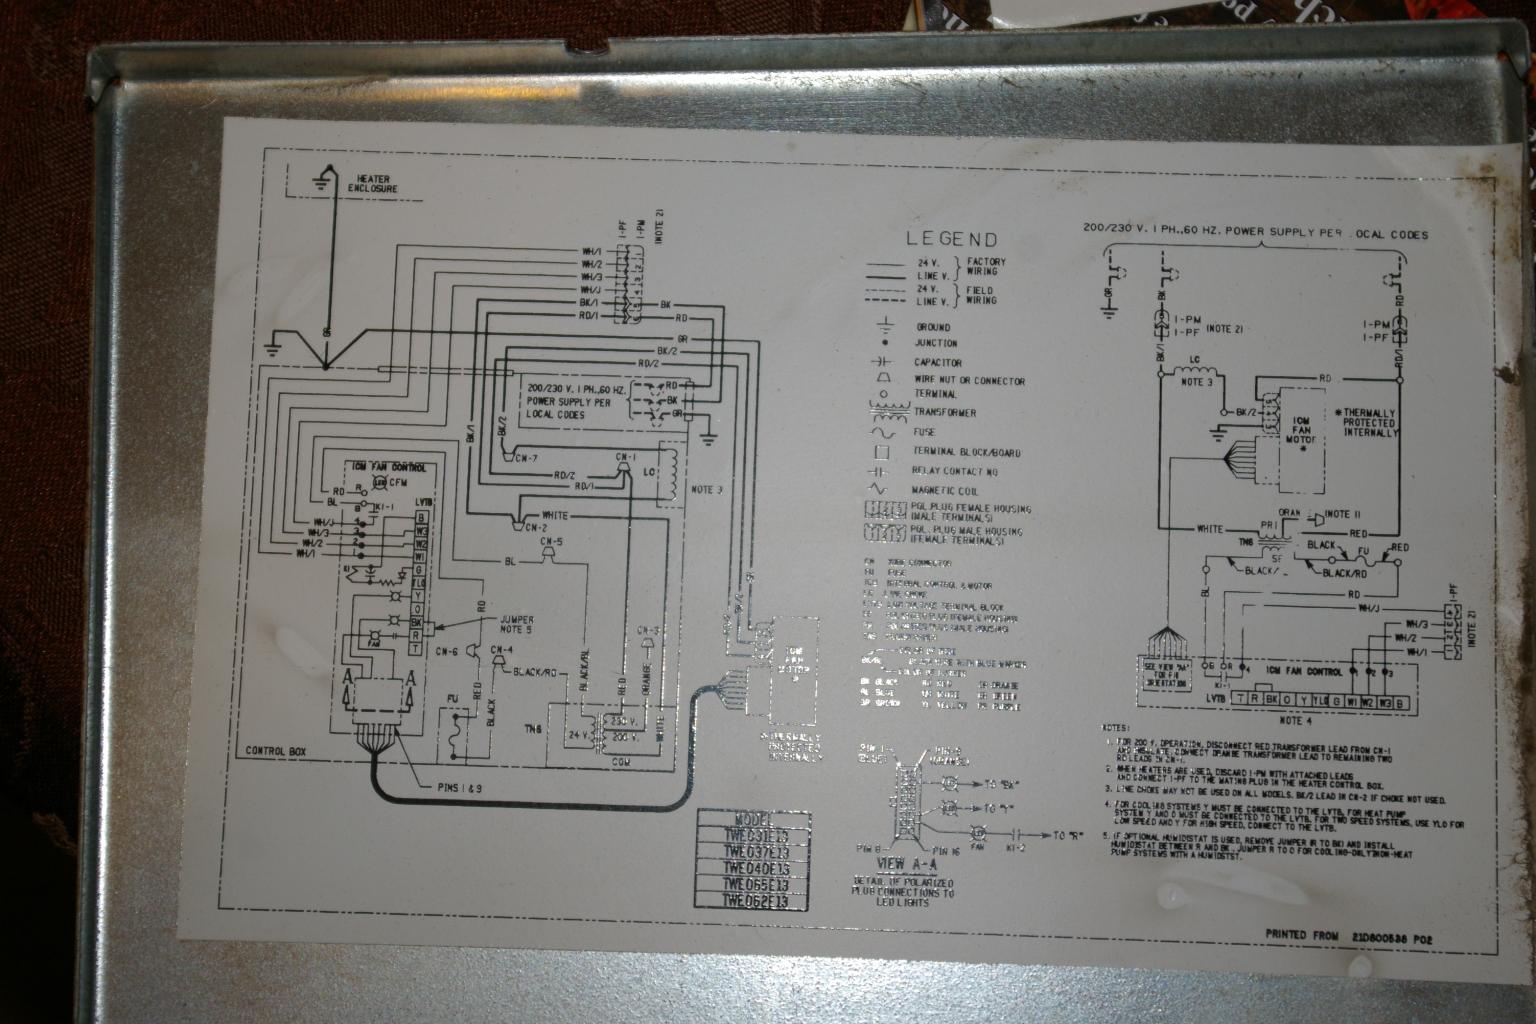 trane xl1200 heat pump wiring diagram Wiring Diagram For Trane Heat Pump trane xl1200 thermostat wiring diagram trane discover your wiring diagram for trane heat pump